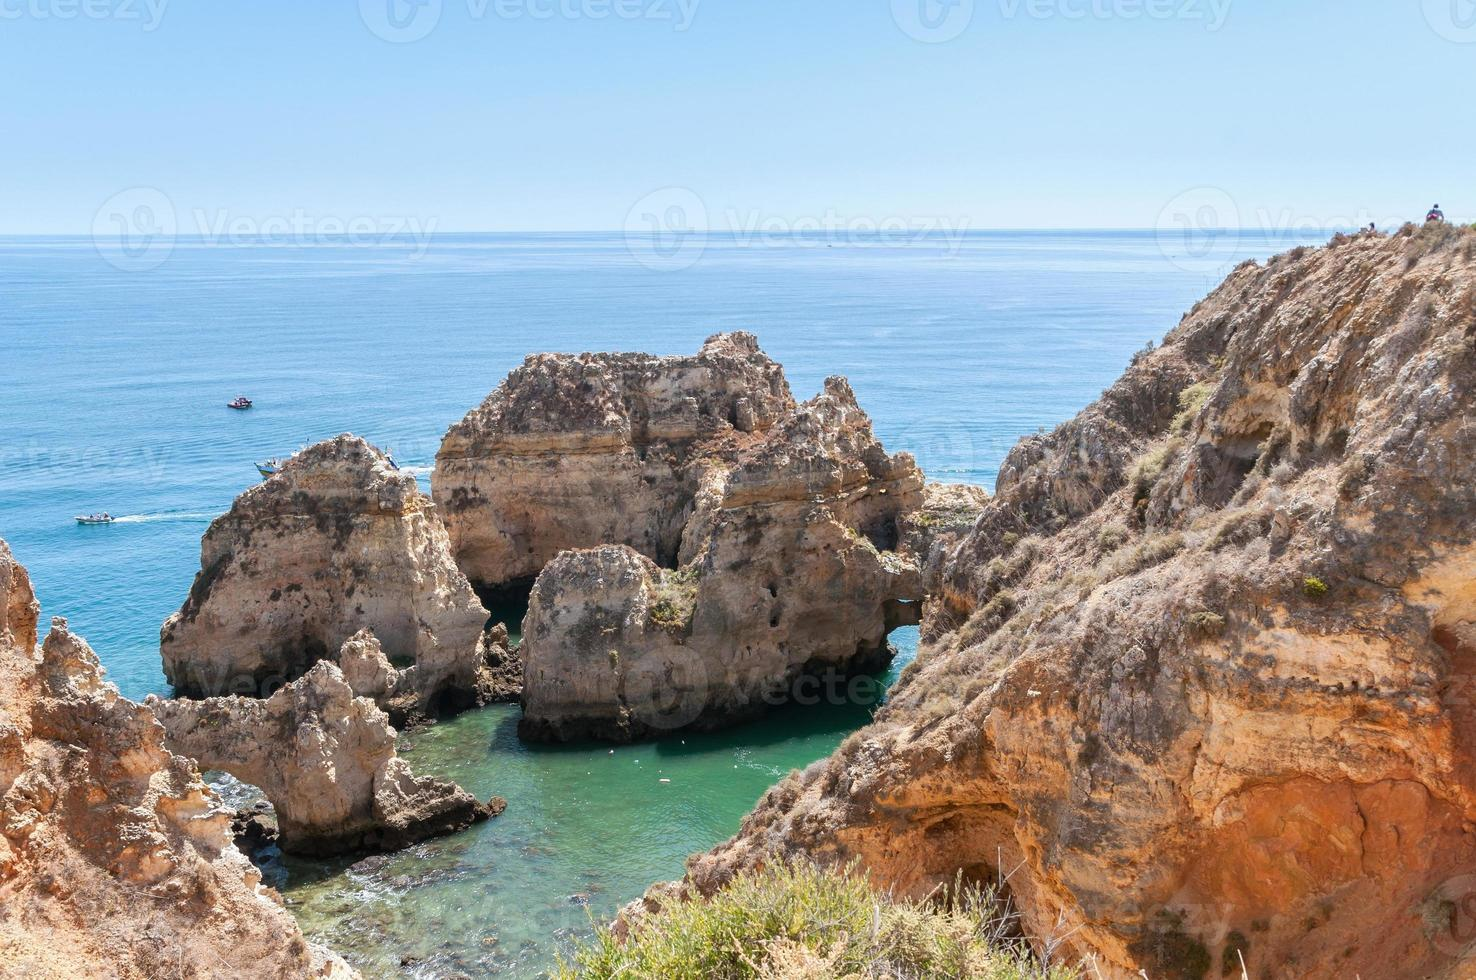 ponta da piedade, Felsformationen in der Nähe von Lagos in Portugal foto